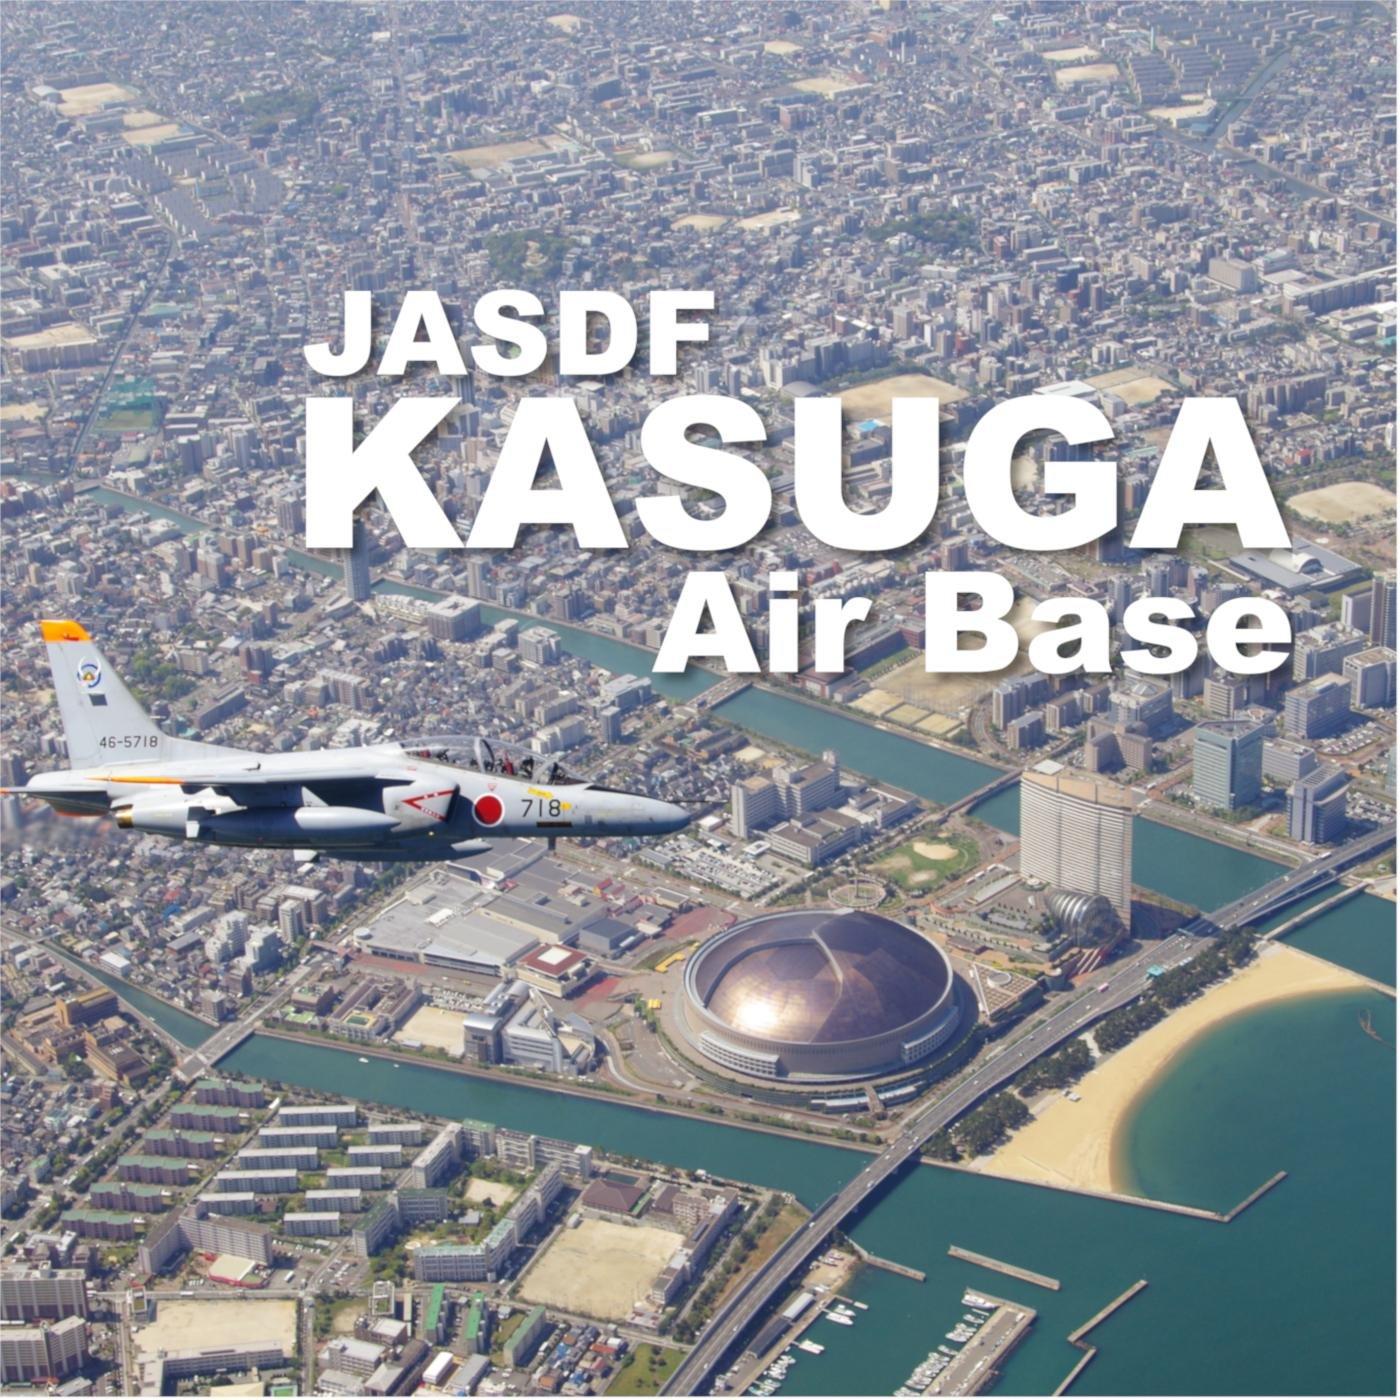 航空自衛隊春日基地 (@JASDF_Kasuga) | Twitter